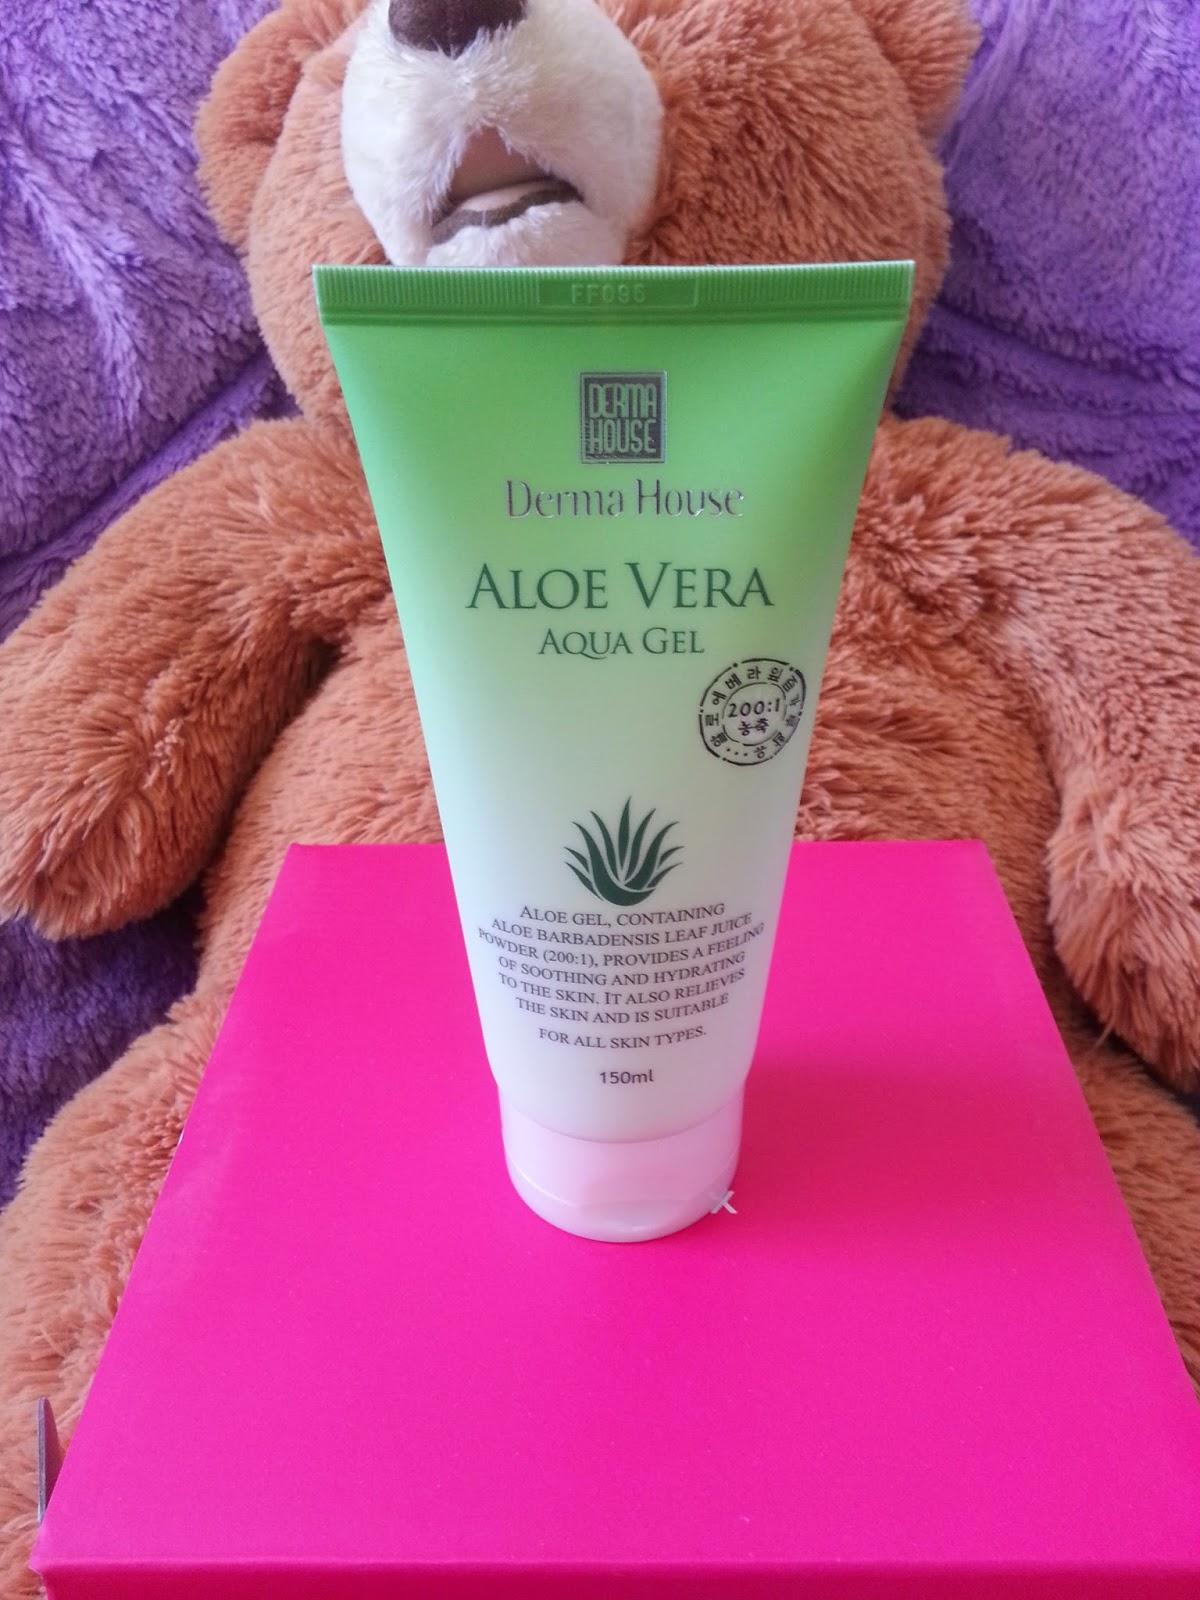 Dermahouse Aloe Vera Aqua Gel